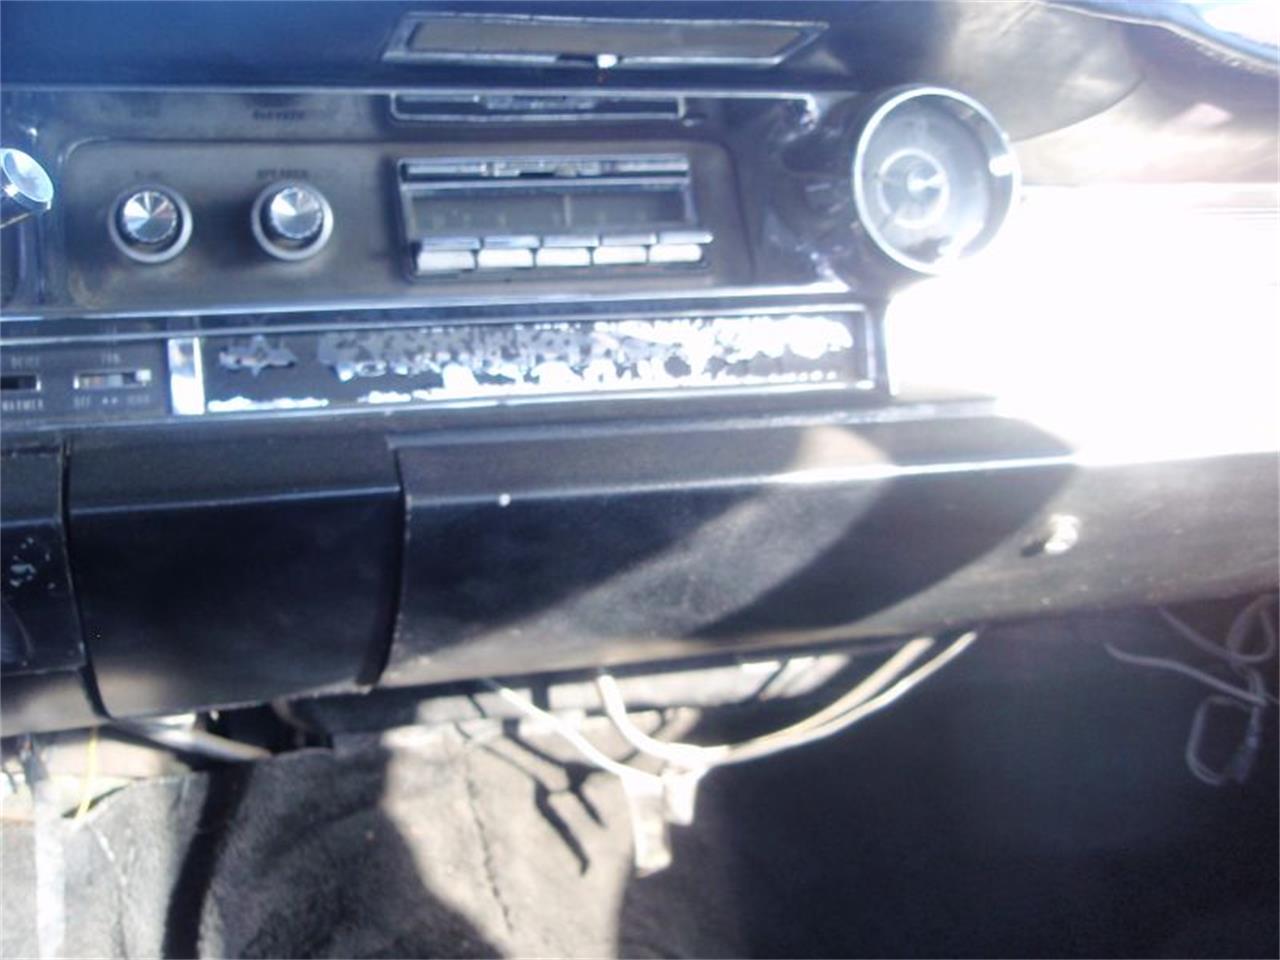 Large Picture of Classic 1961 Cadillac 4-Dr Sedan located in Quartzsite Arizona - $29,980.00 - 97OS